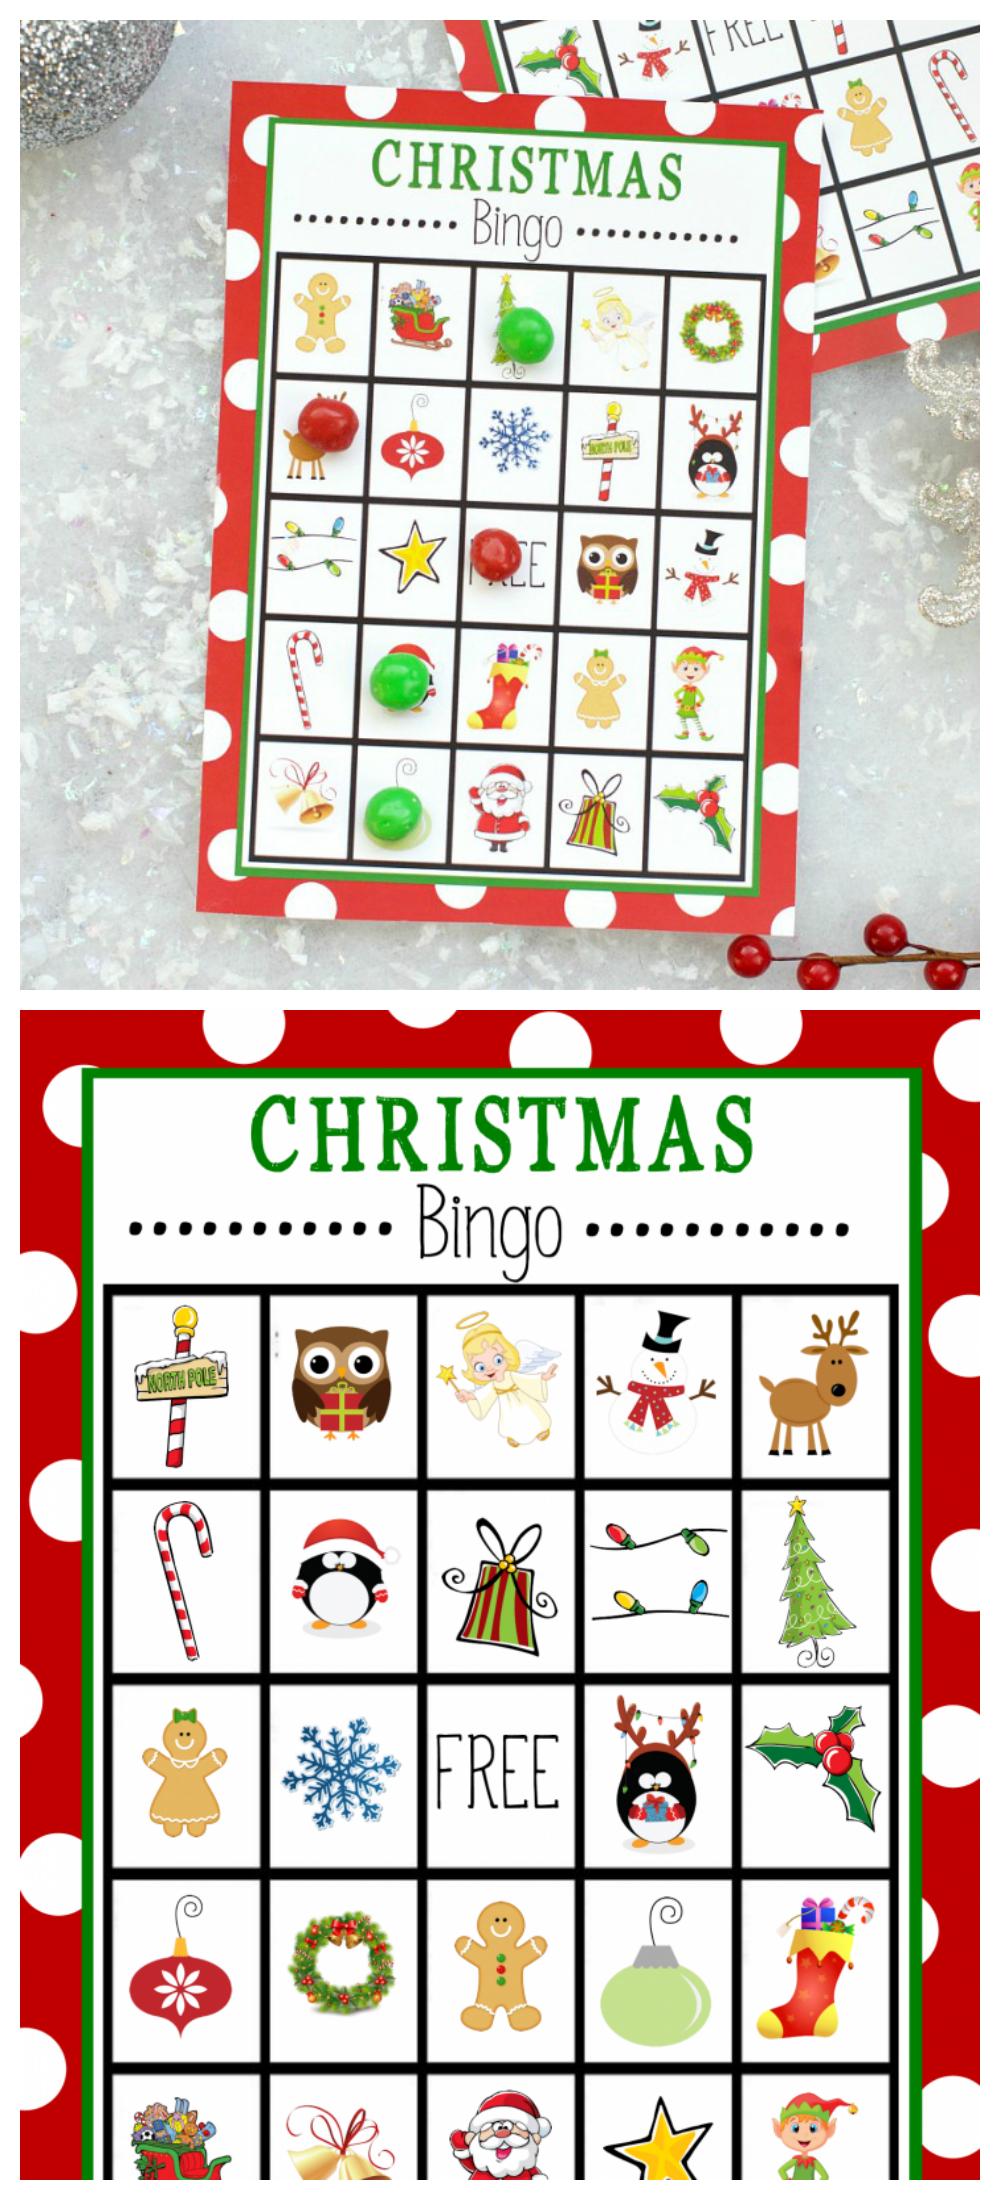 Free Printable Christmas Bingo Game – Fun-Squared - Free Printable Christmas Bingo